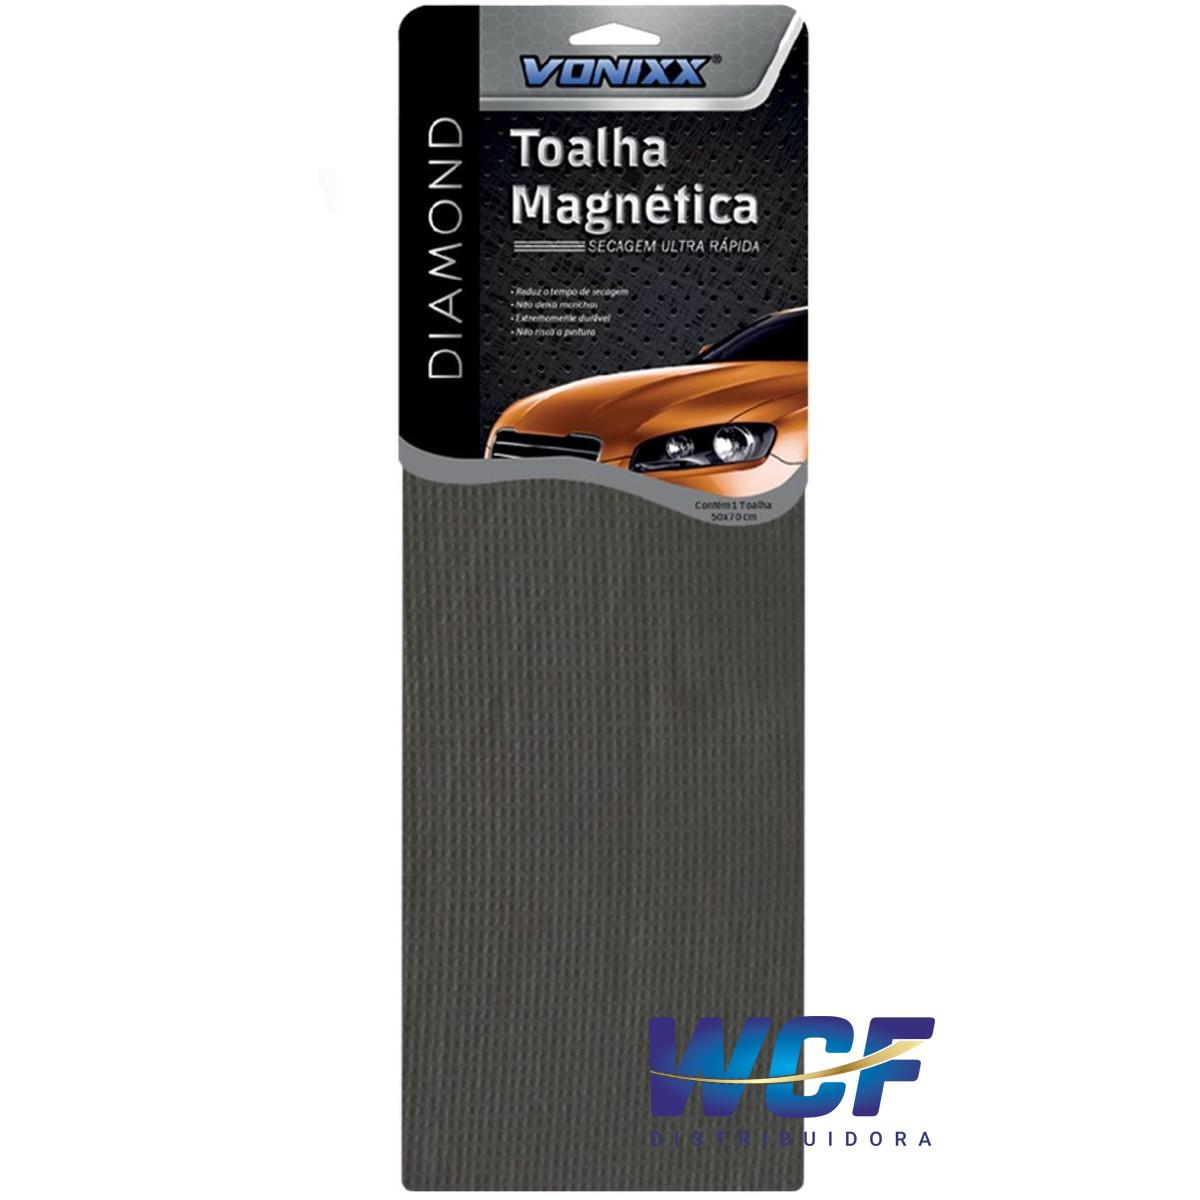 VONIXX TOALHA MAGNETICA 50X70CM